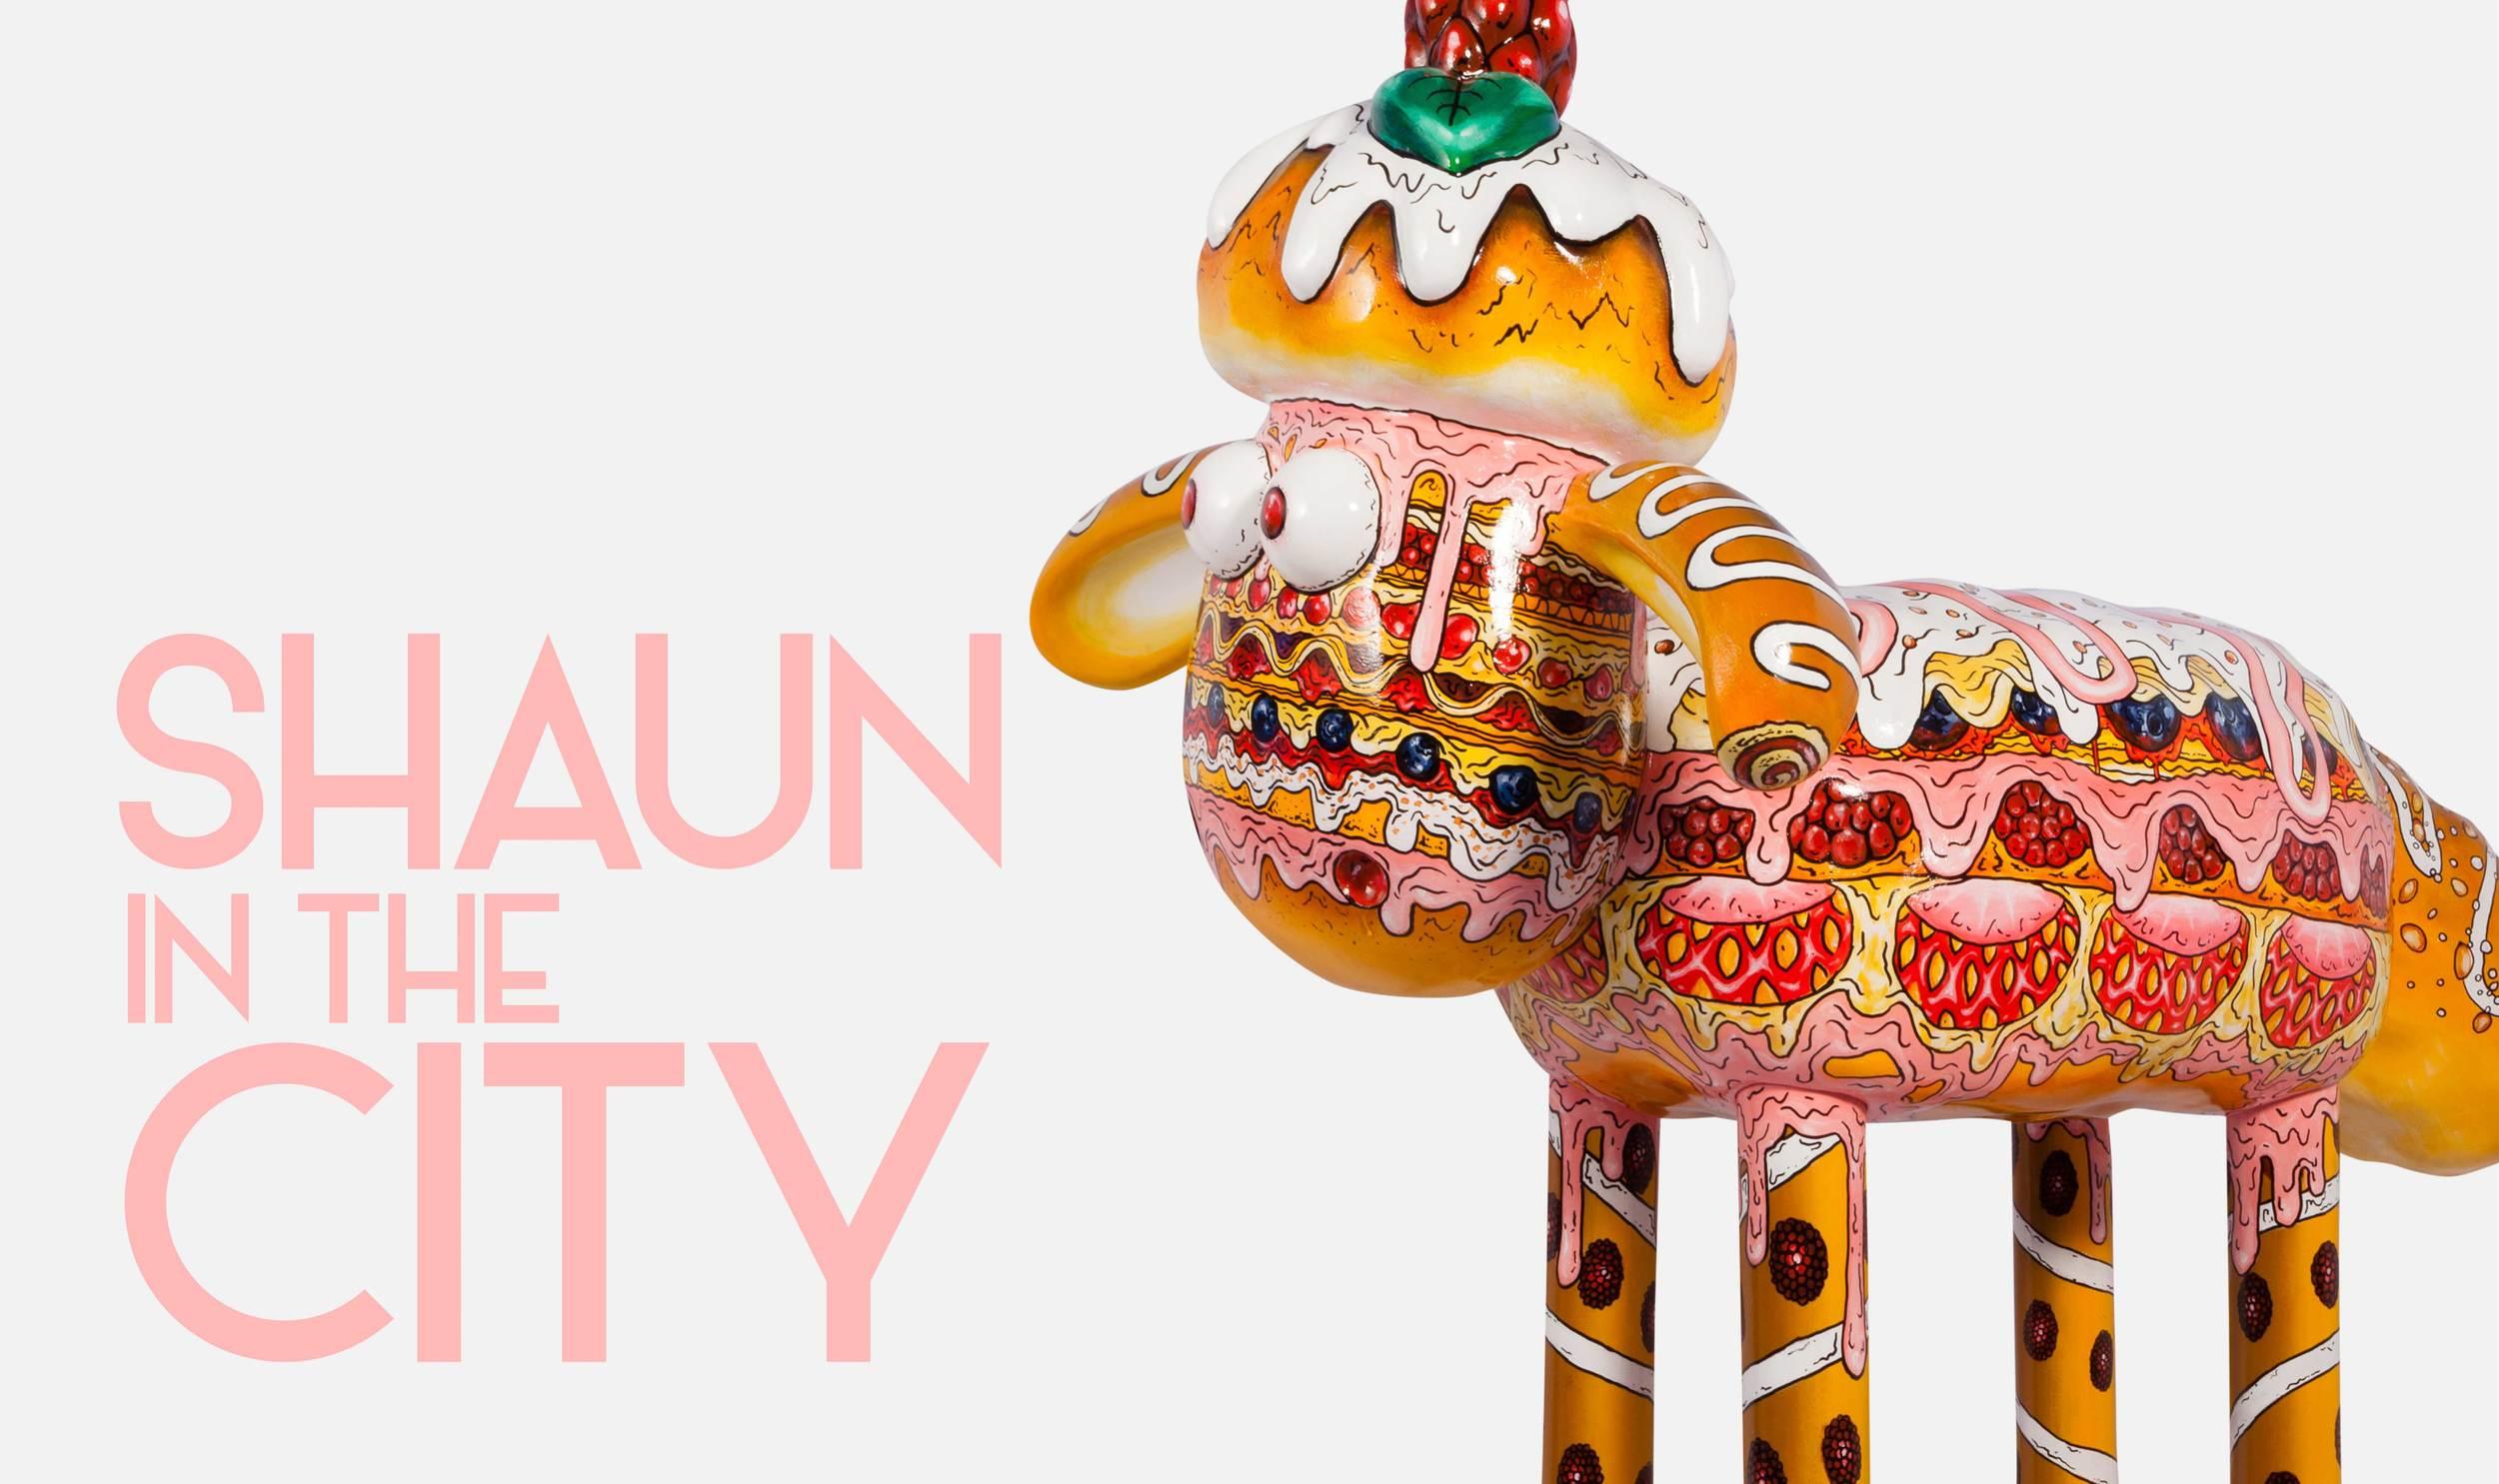 Banner-images-foodie-prints-SITC.jpg